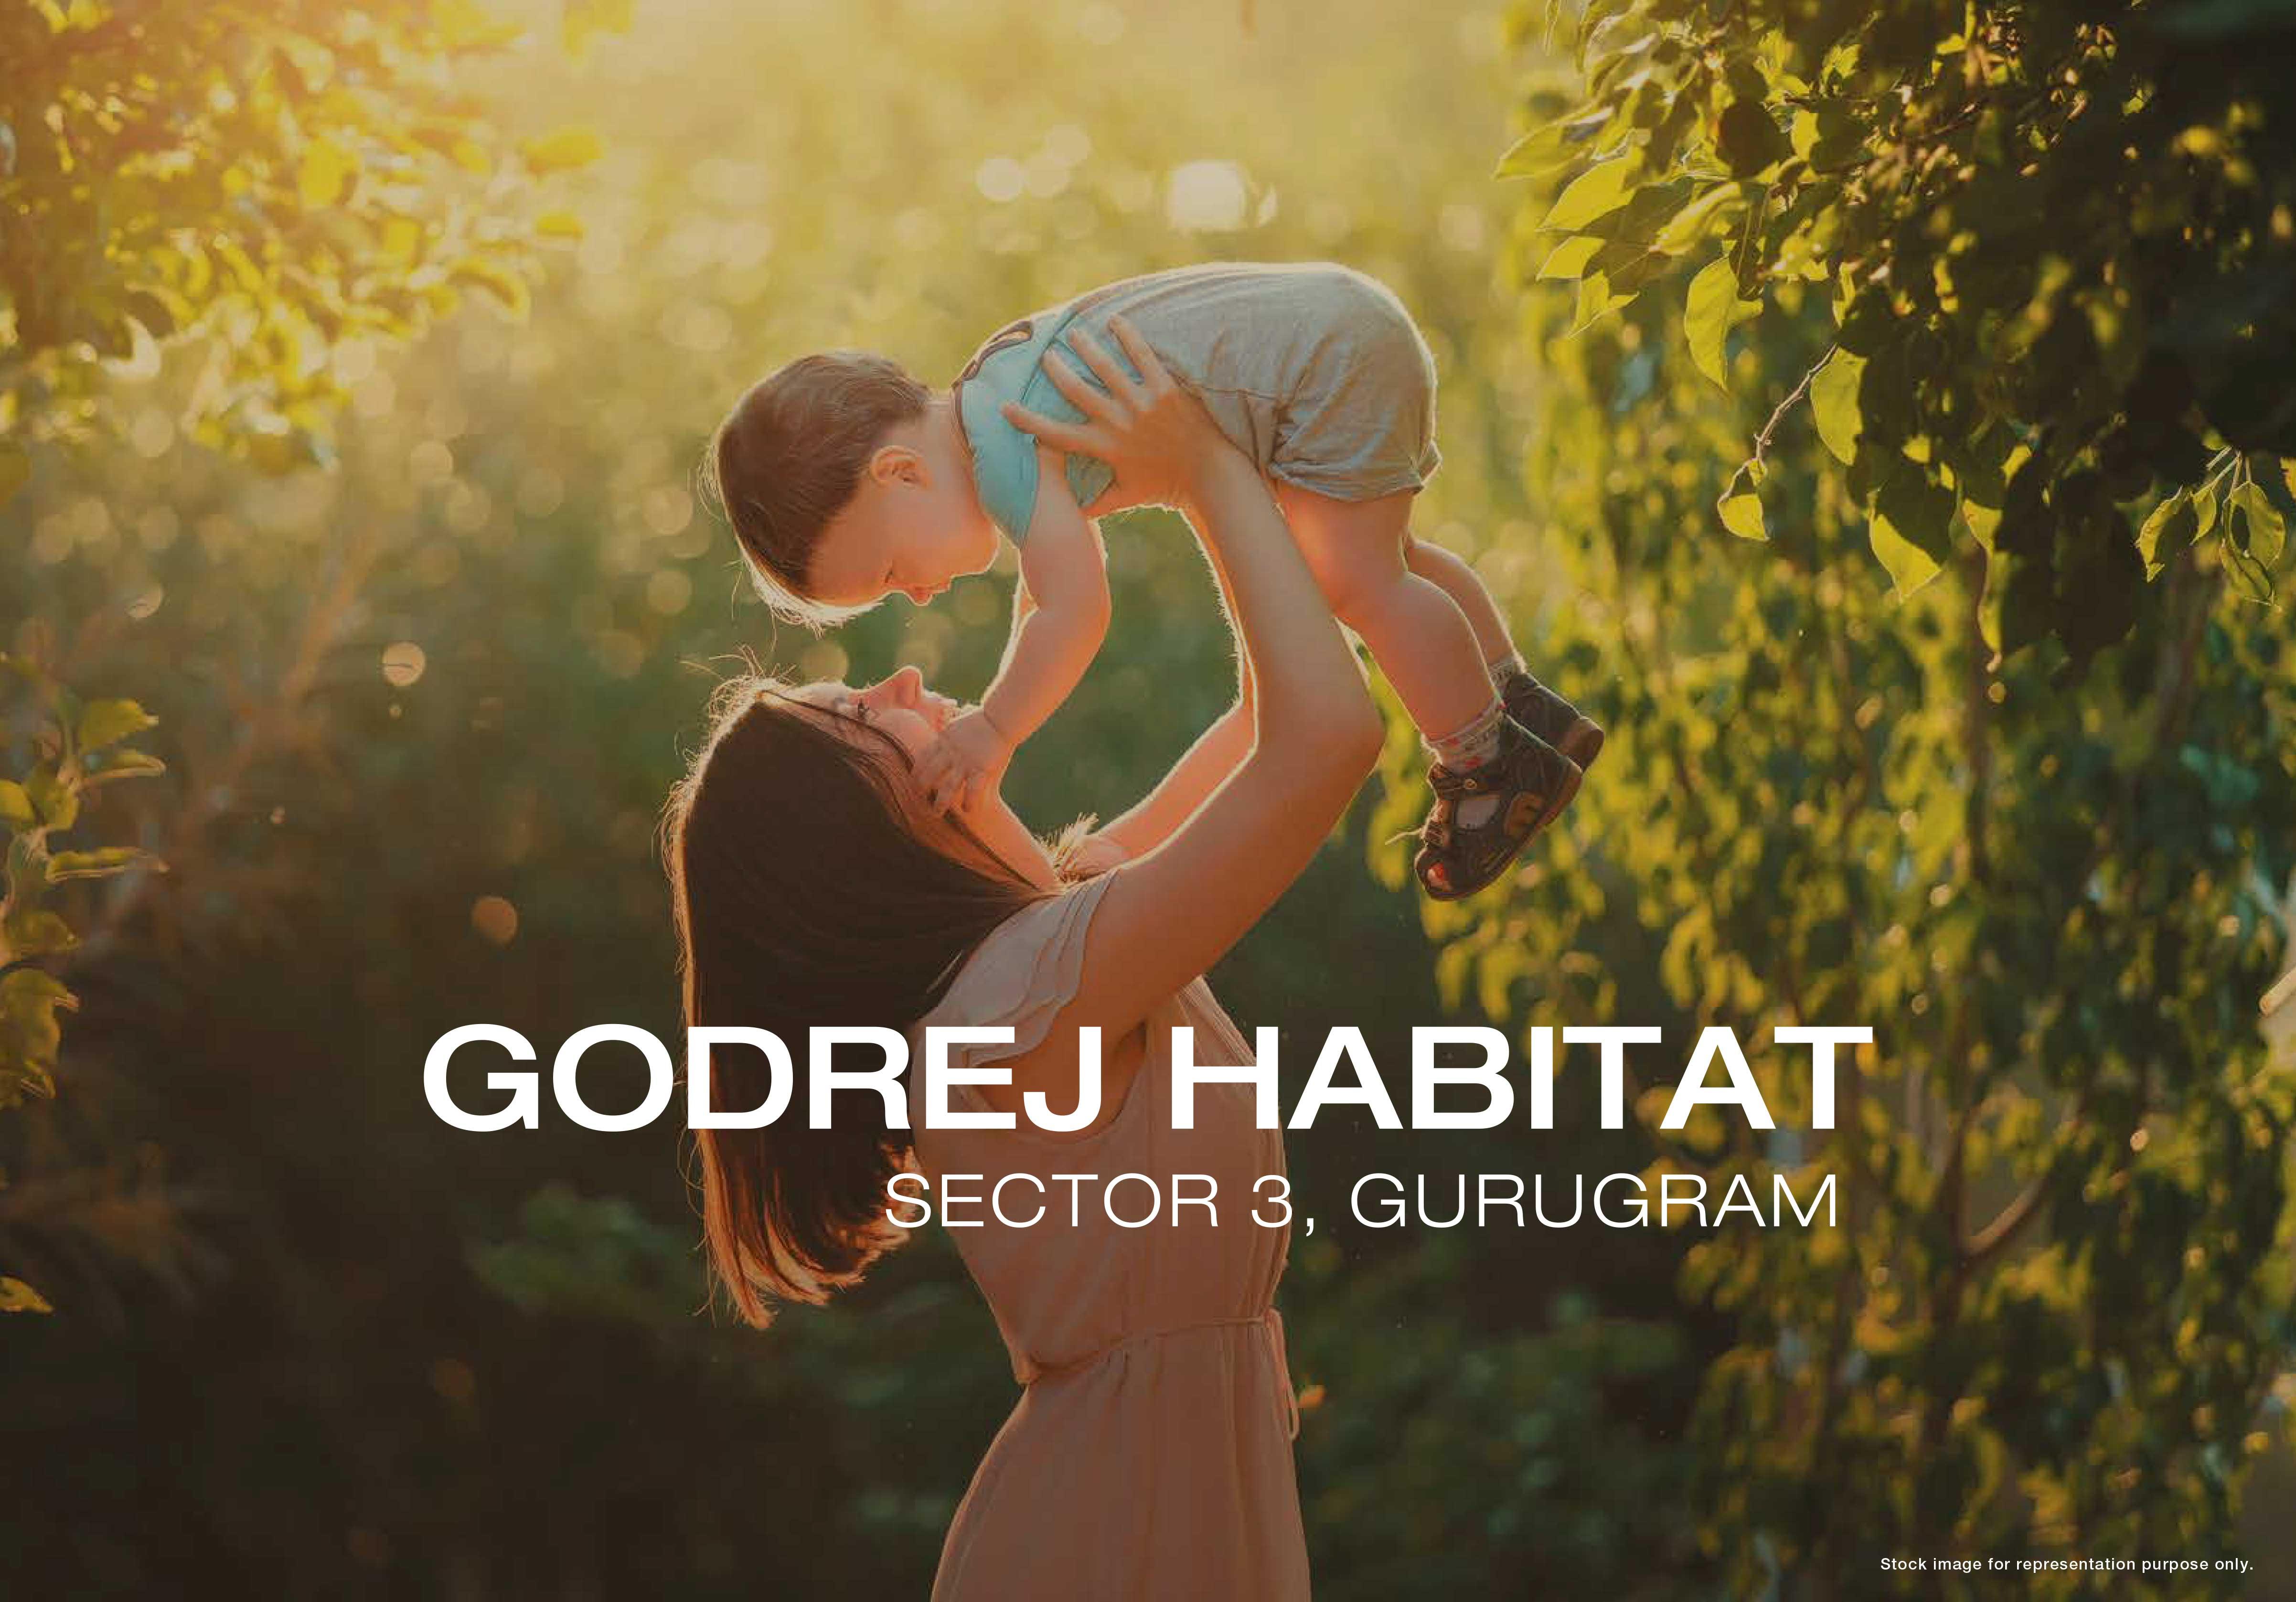 Godrej Habitat